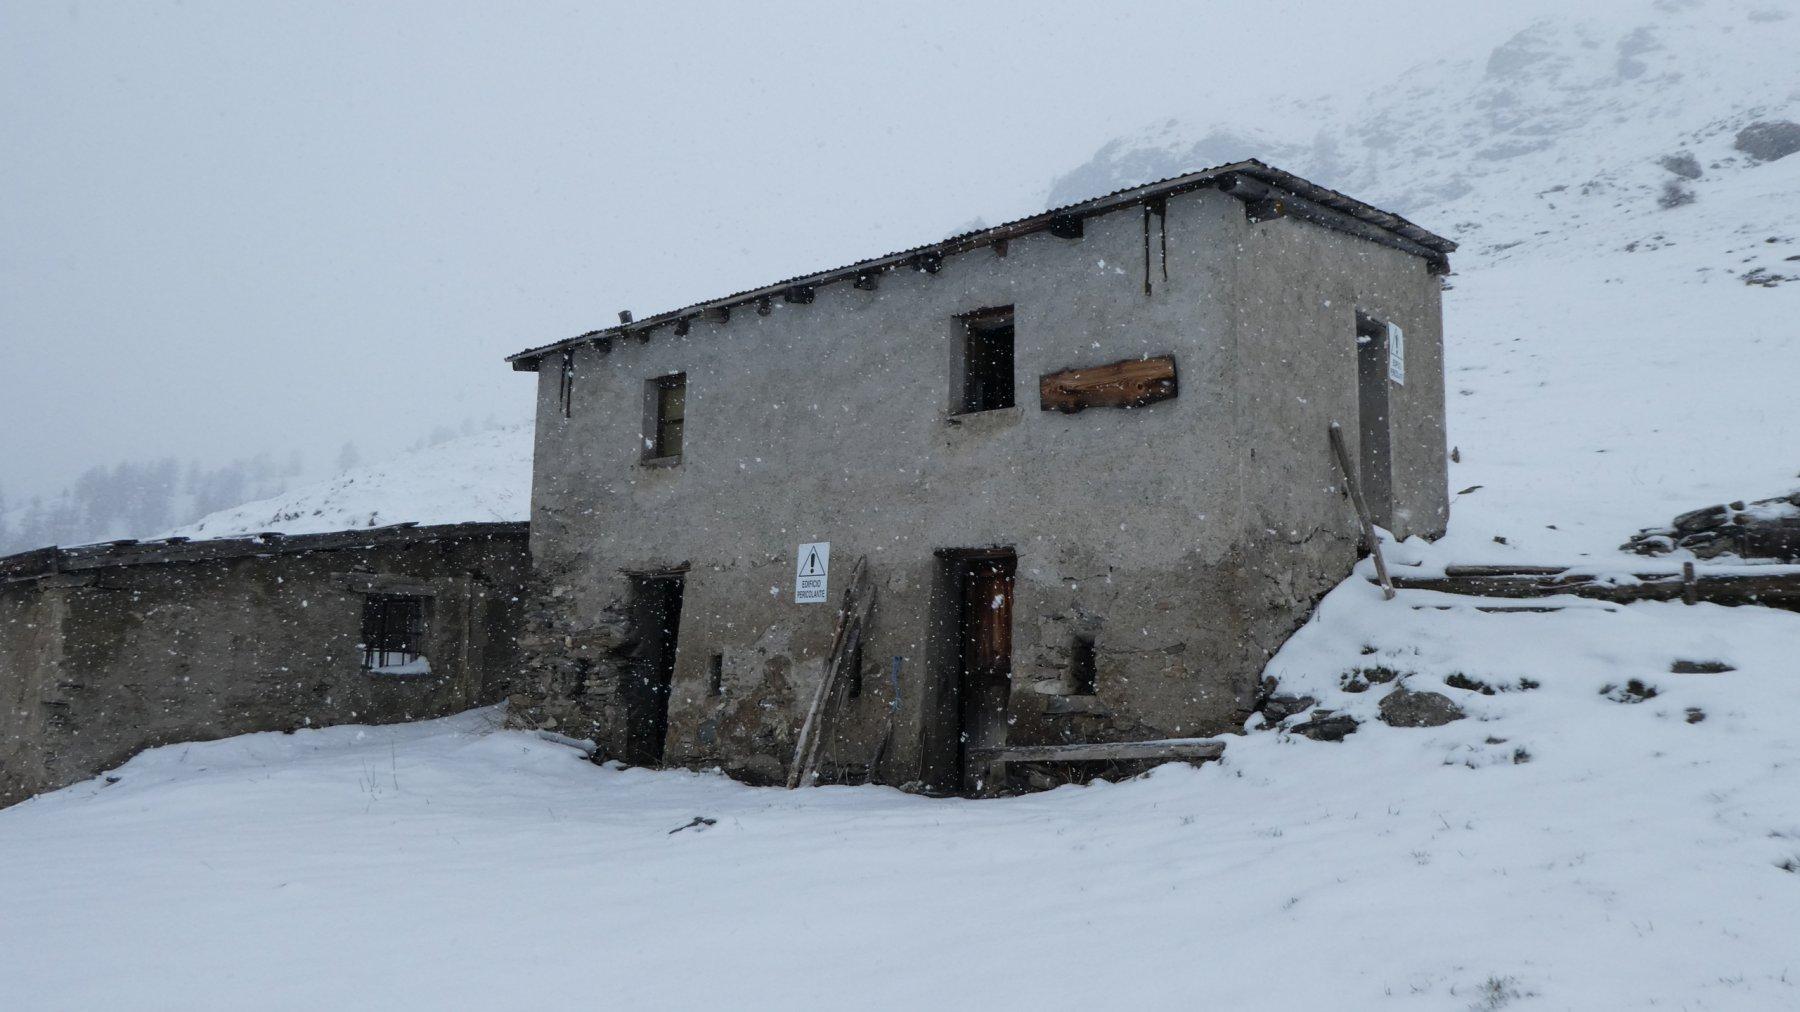 alpeggio in rovina alle pendici del Monte Gran Costa